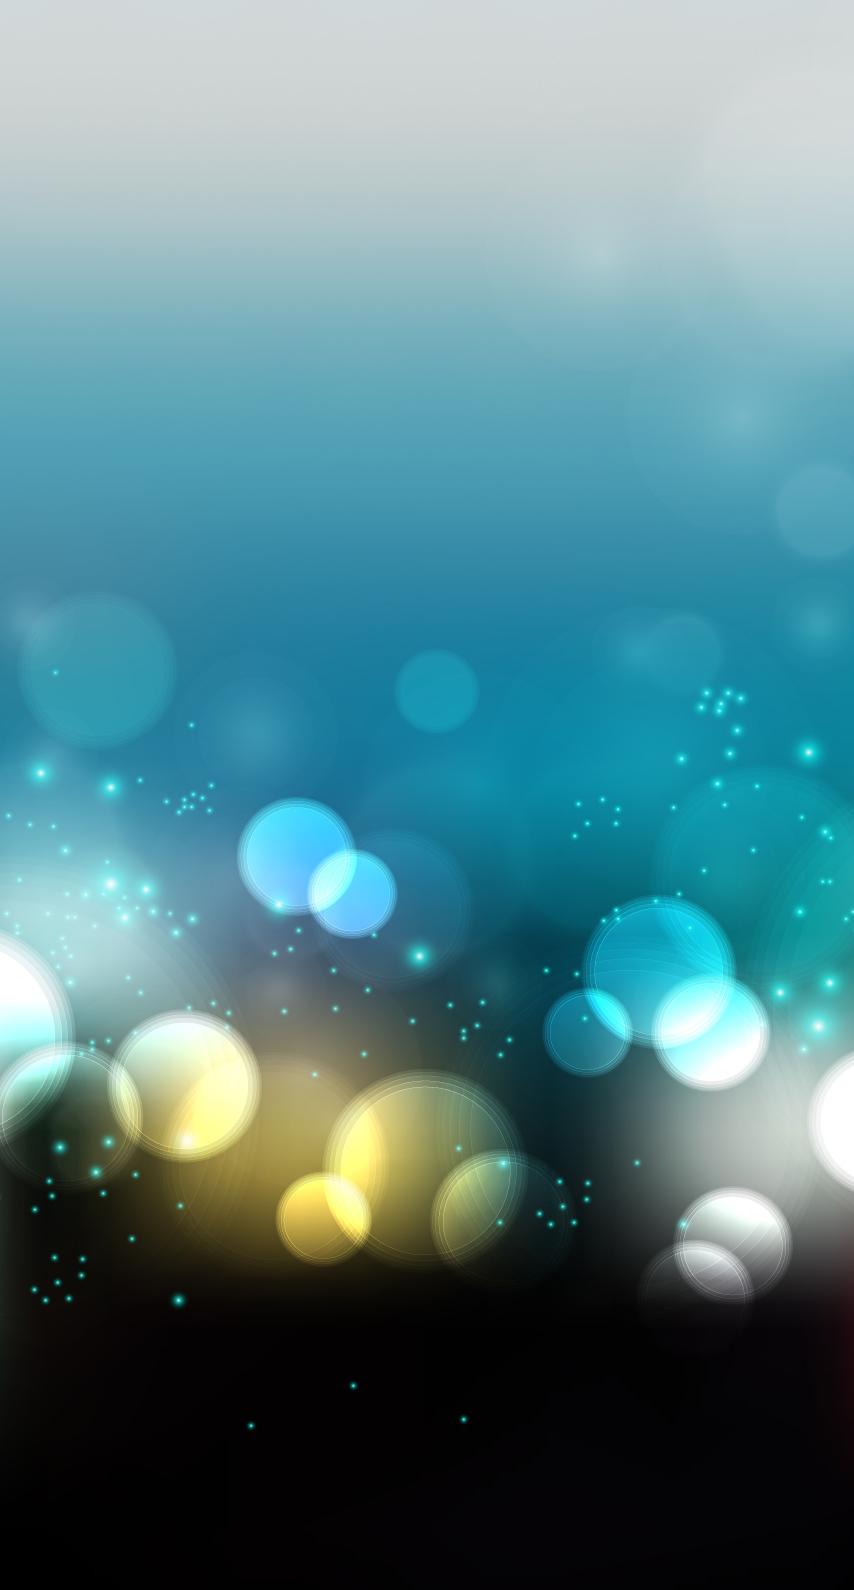 glisten, illuminated, sparkling, focus